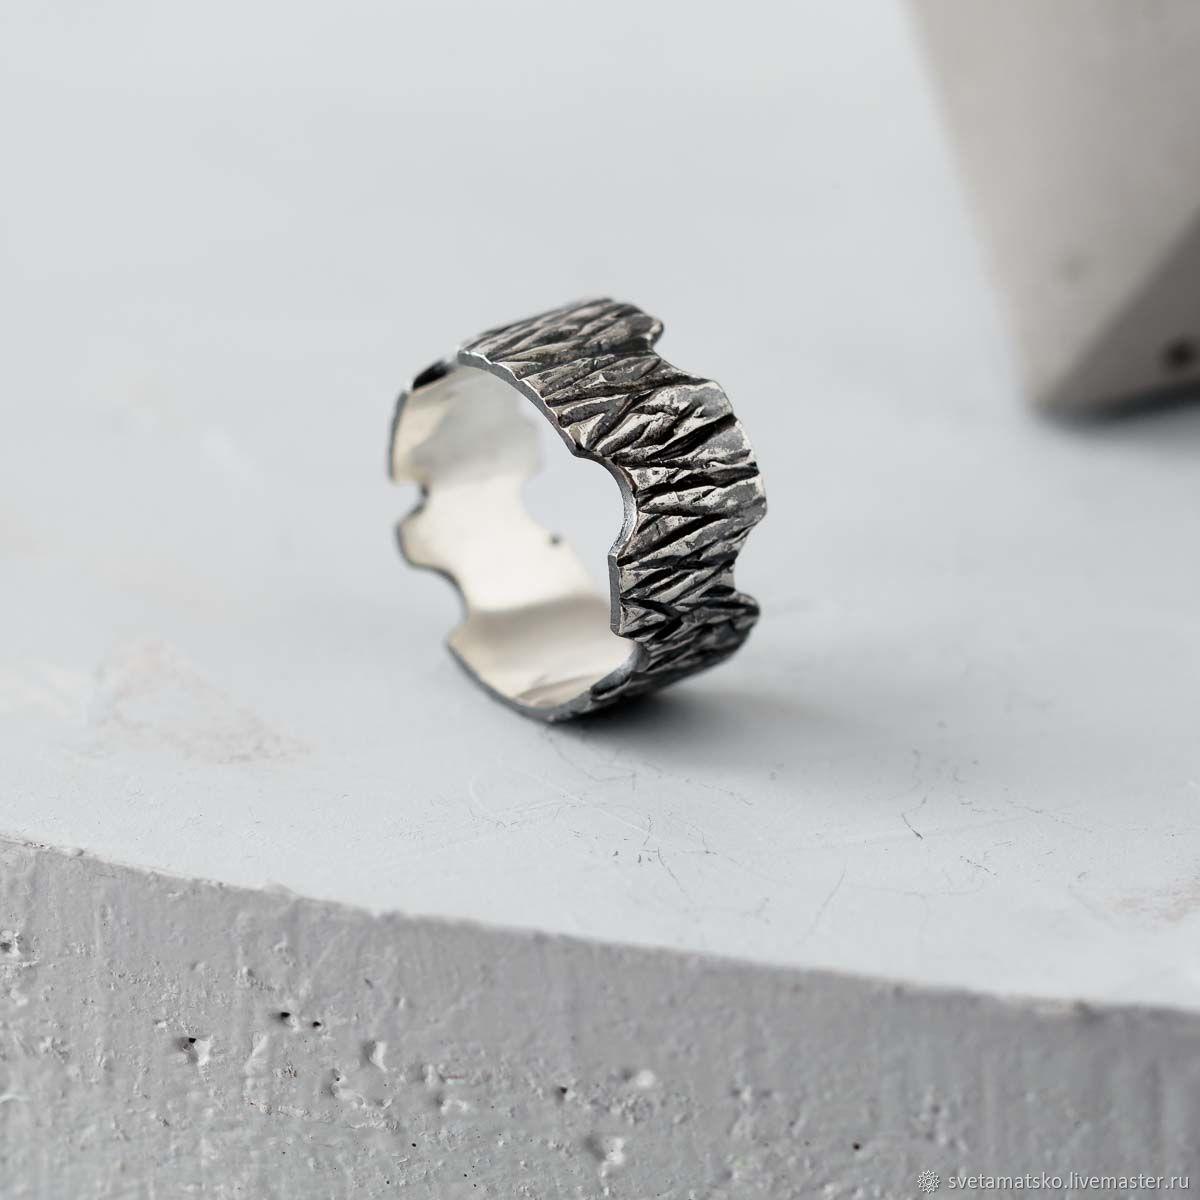 """Кольца ручной работы. Ярмарка Мастеров - ручная работа. Купить Кольцо из серебра """"Кора"""", кольцо серебро унисекс, кольцо мужское. Handmade."""